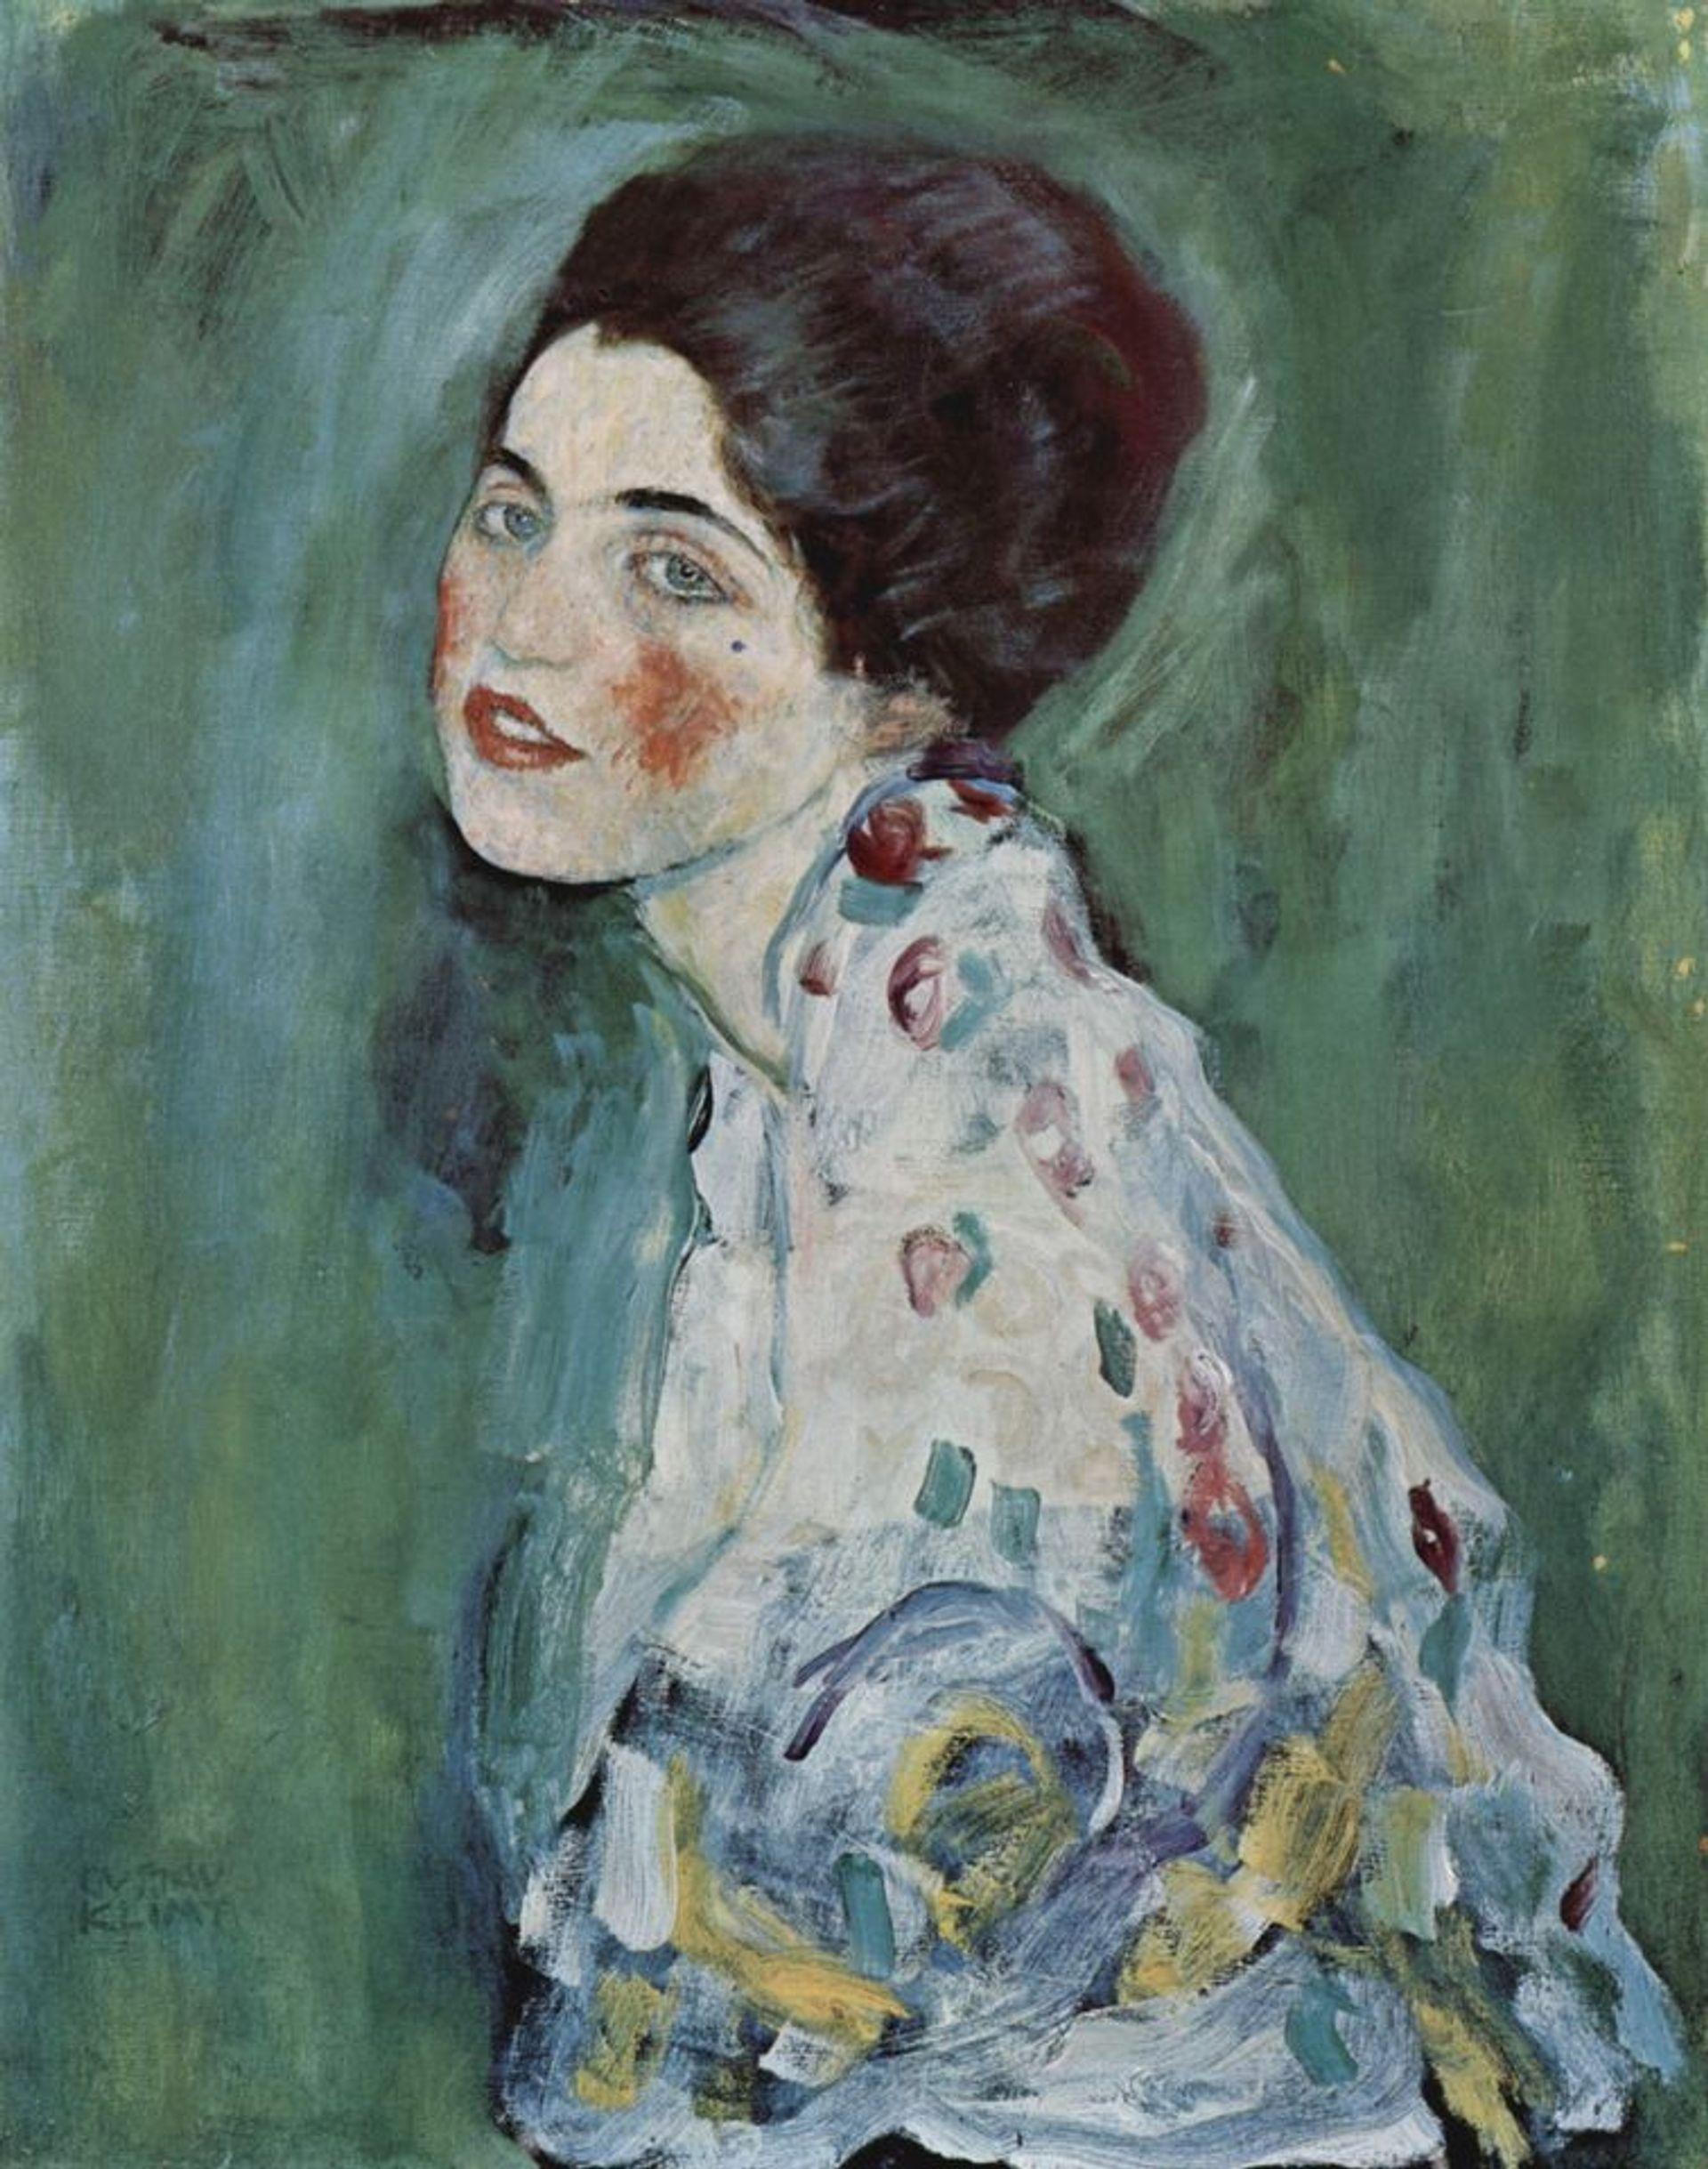 Gustav Klimt's Portrait of a Lady (1916-17) was stolen from the Ricci Oddi Gallery of Modern Art in 1997